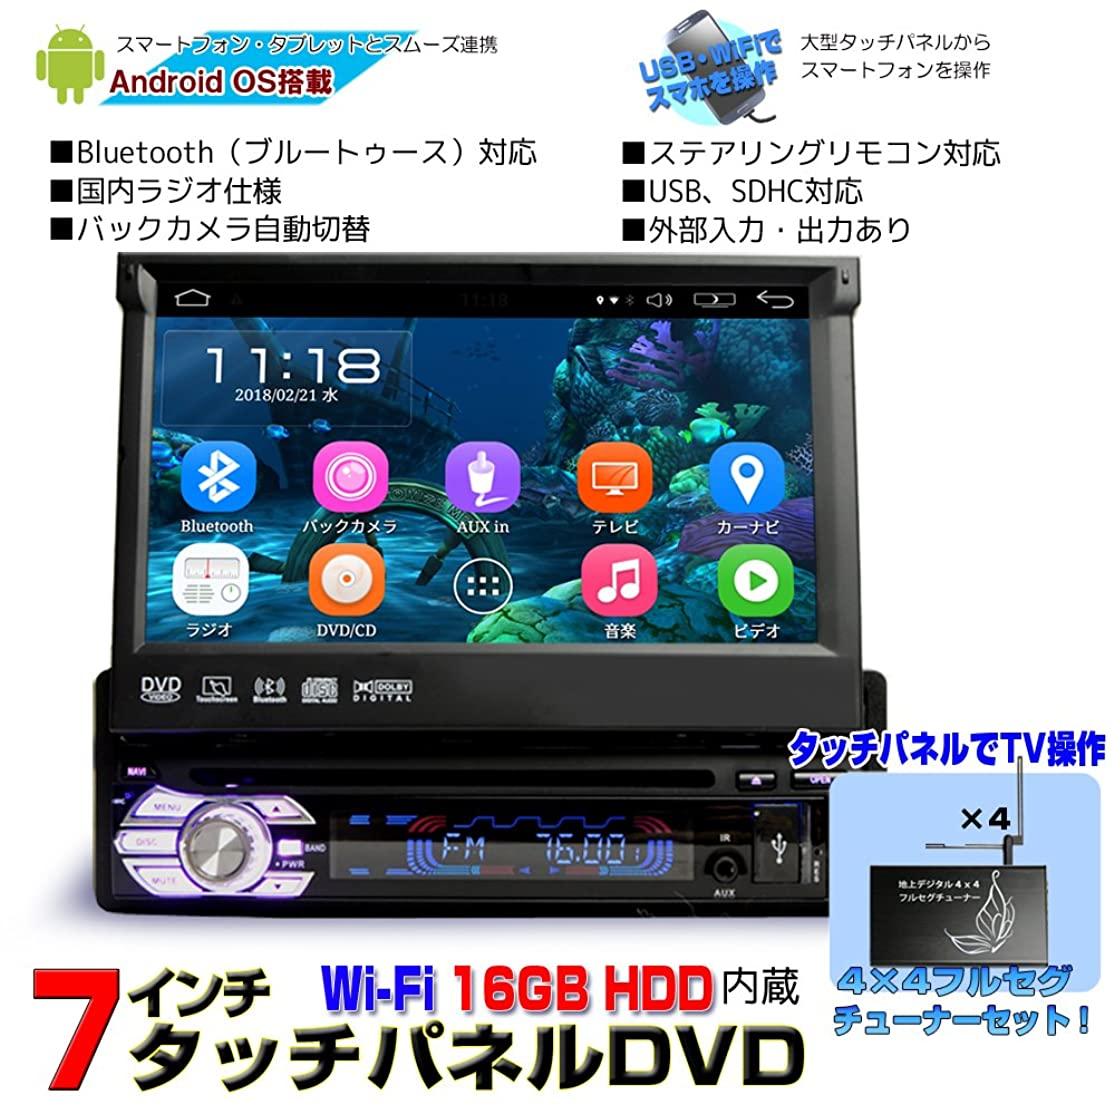 ささいな相互接続いっぱいSANYO Gorilla 5.2V型 SSDポータブルナビゲーション NV-SB550DT